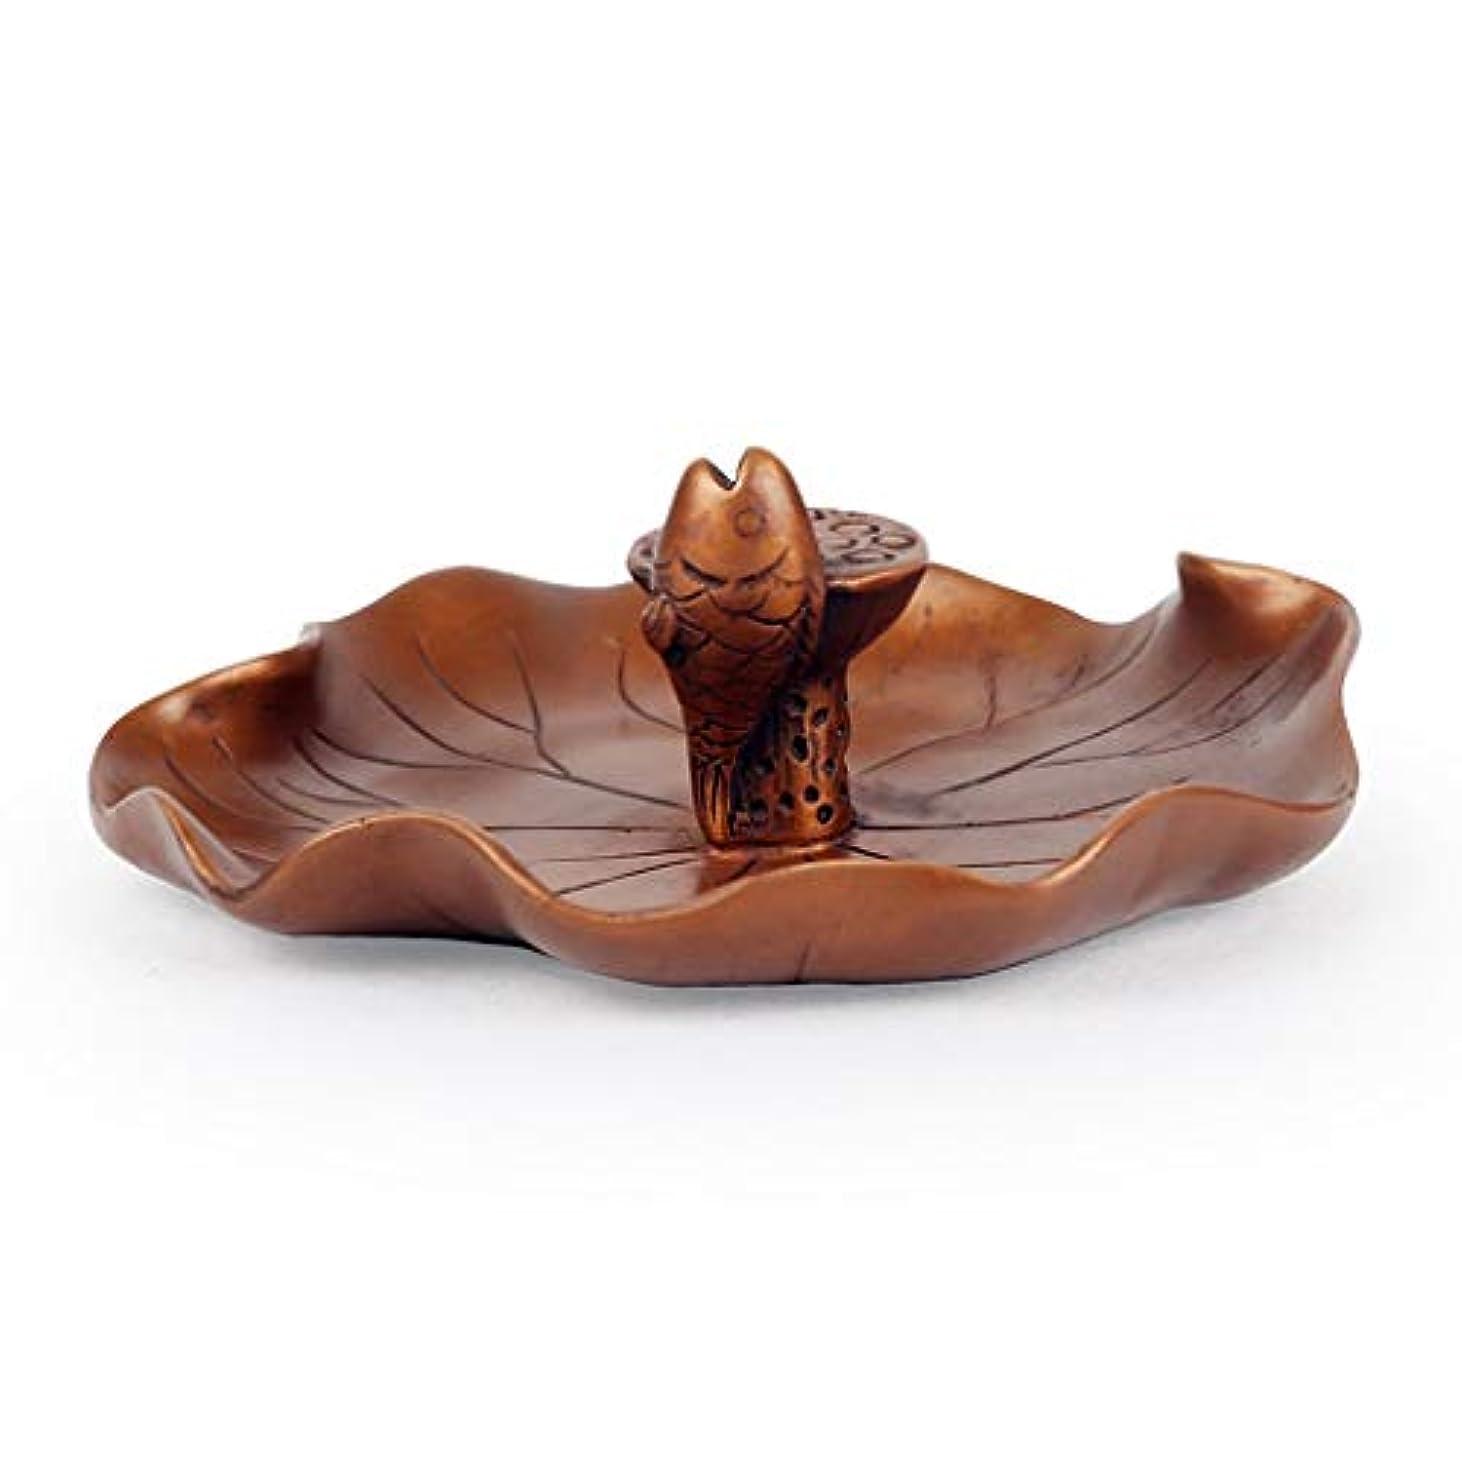 合体挑発する接続詞芳香器?アロマバーナー 還流香炉ホーム香りの良い禅禅ラッキー鑑賞新しいクリエイティブアガーウッド香バーナー装飾 アロマバーナー (Color : Brass)